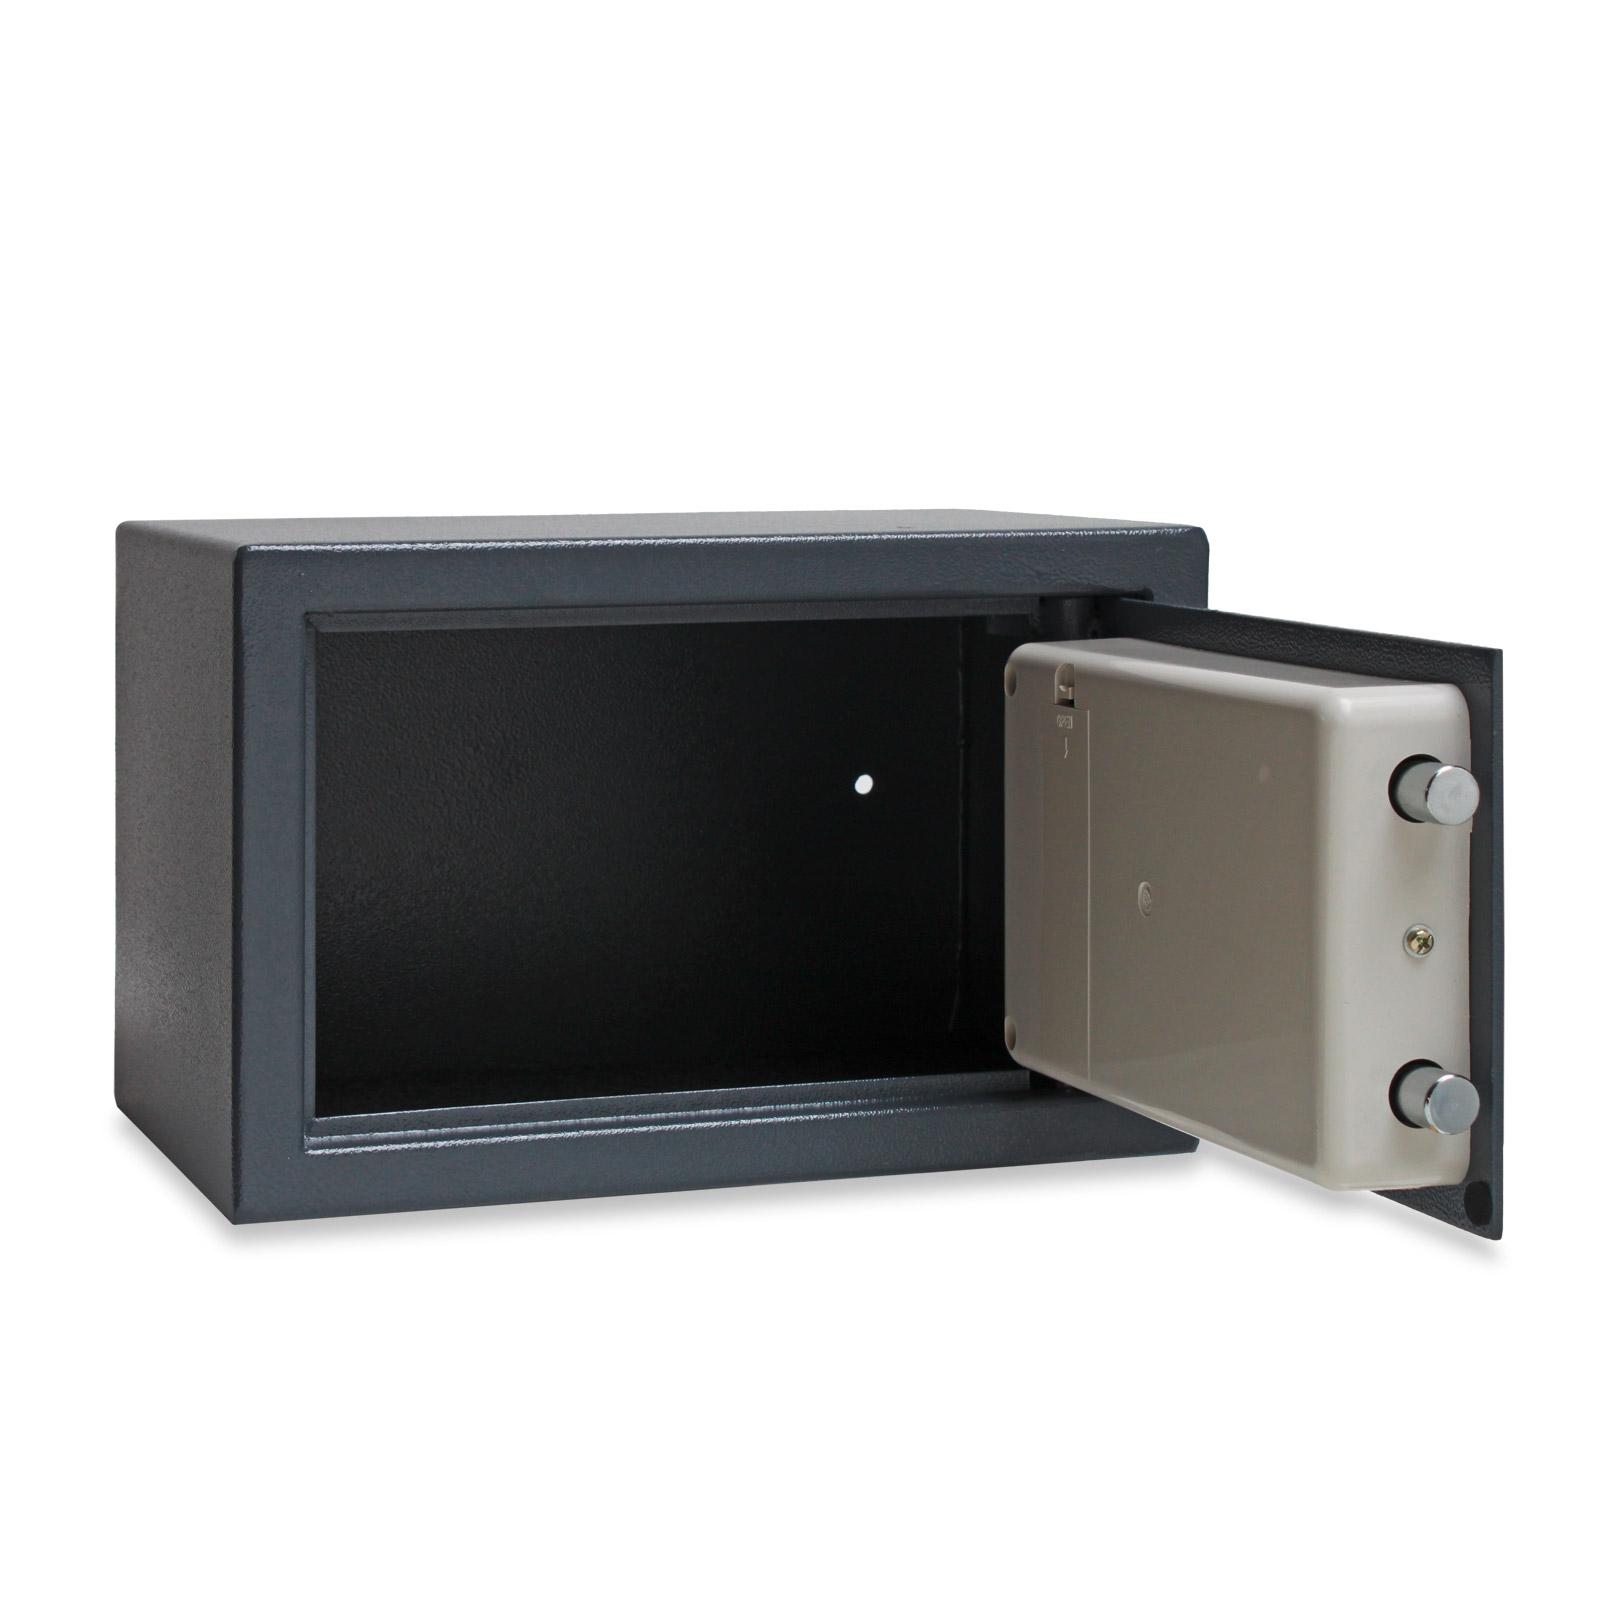 914144 m beltresor digital schl ssel 31x20x20 cm safe tresor wandtresor wandsafe ebay. Black Bedroom Furniture Sets. Home Design Ideas